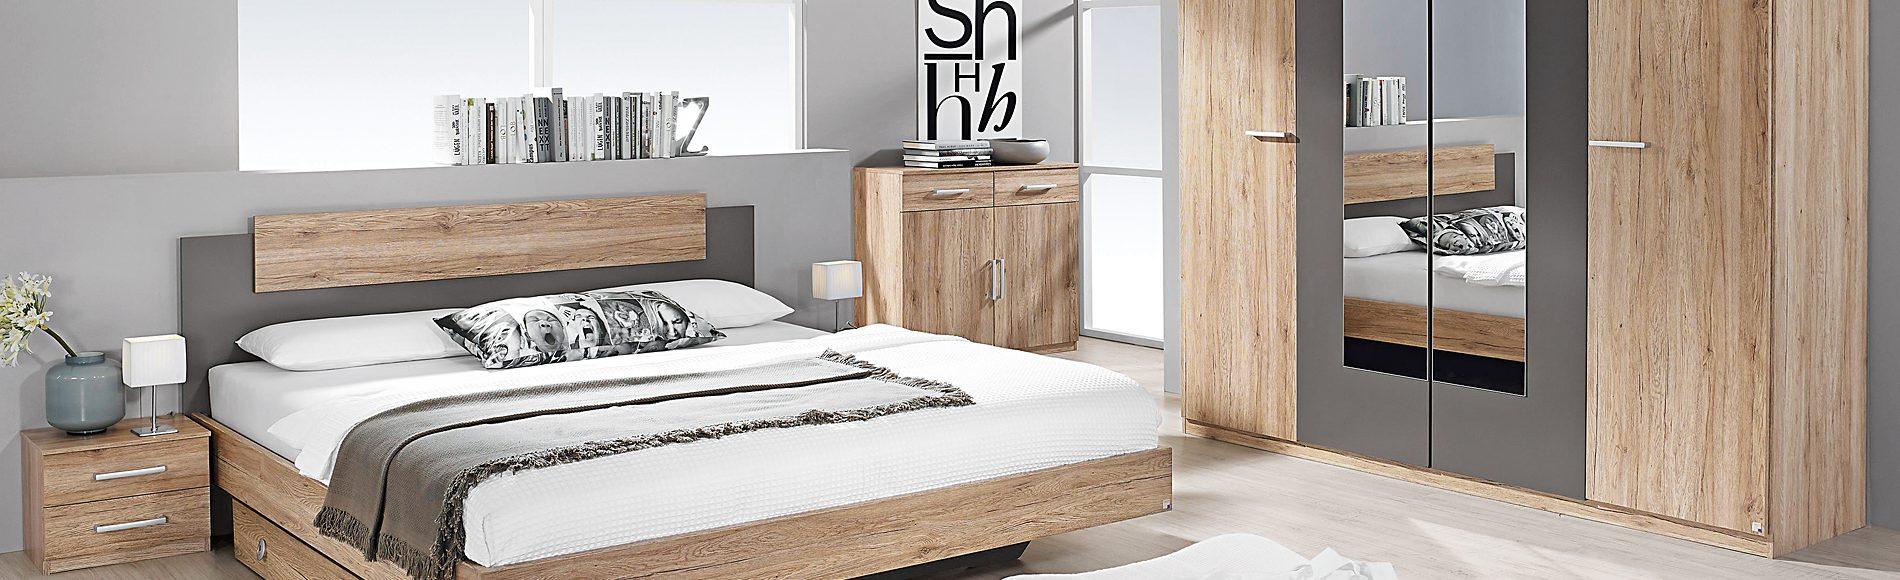 Schlafzimmer Bettanlage, Nachtkommoden, Kleiderschrank günstig kaufen bei Robin Hood Möbel+Küchen in Donaueschingen